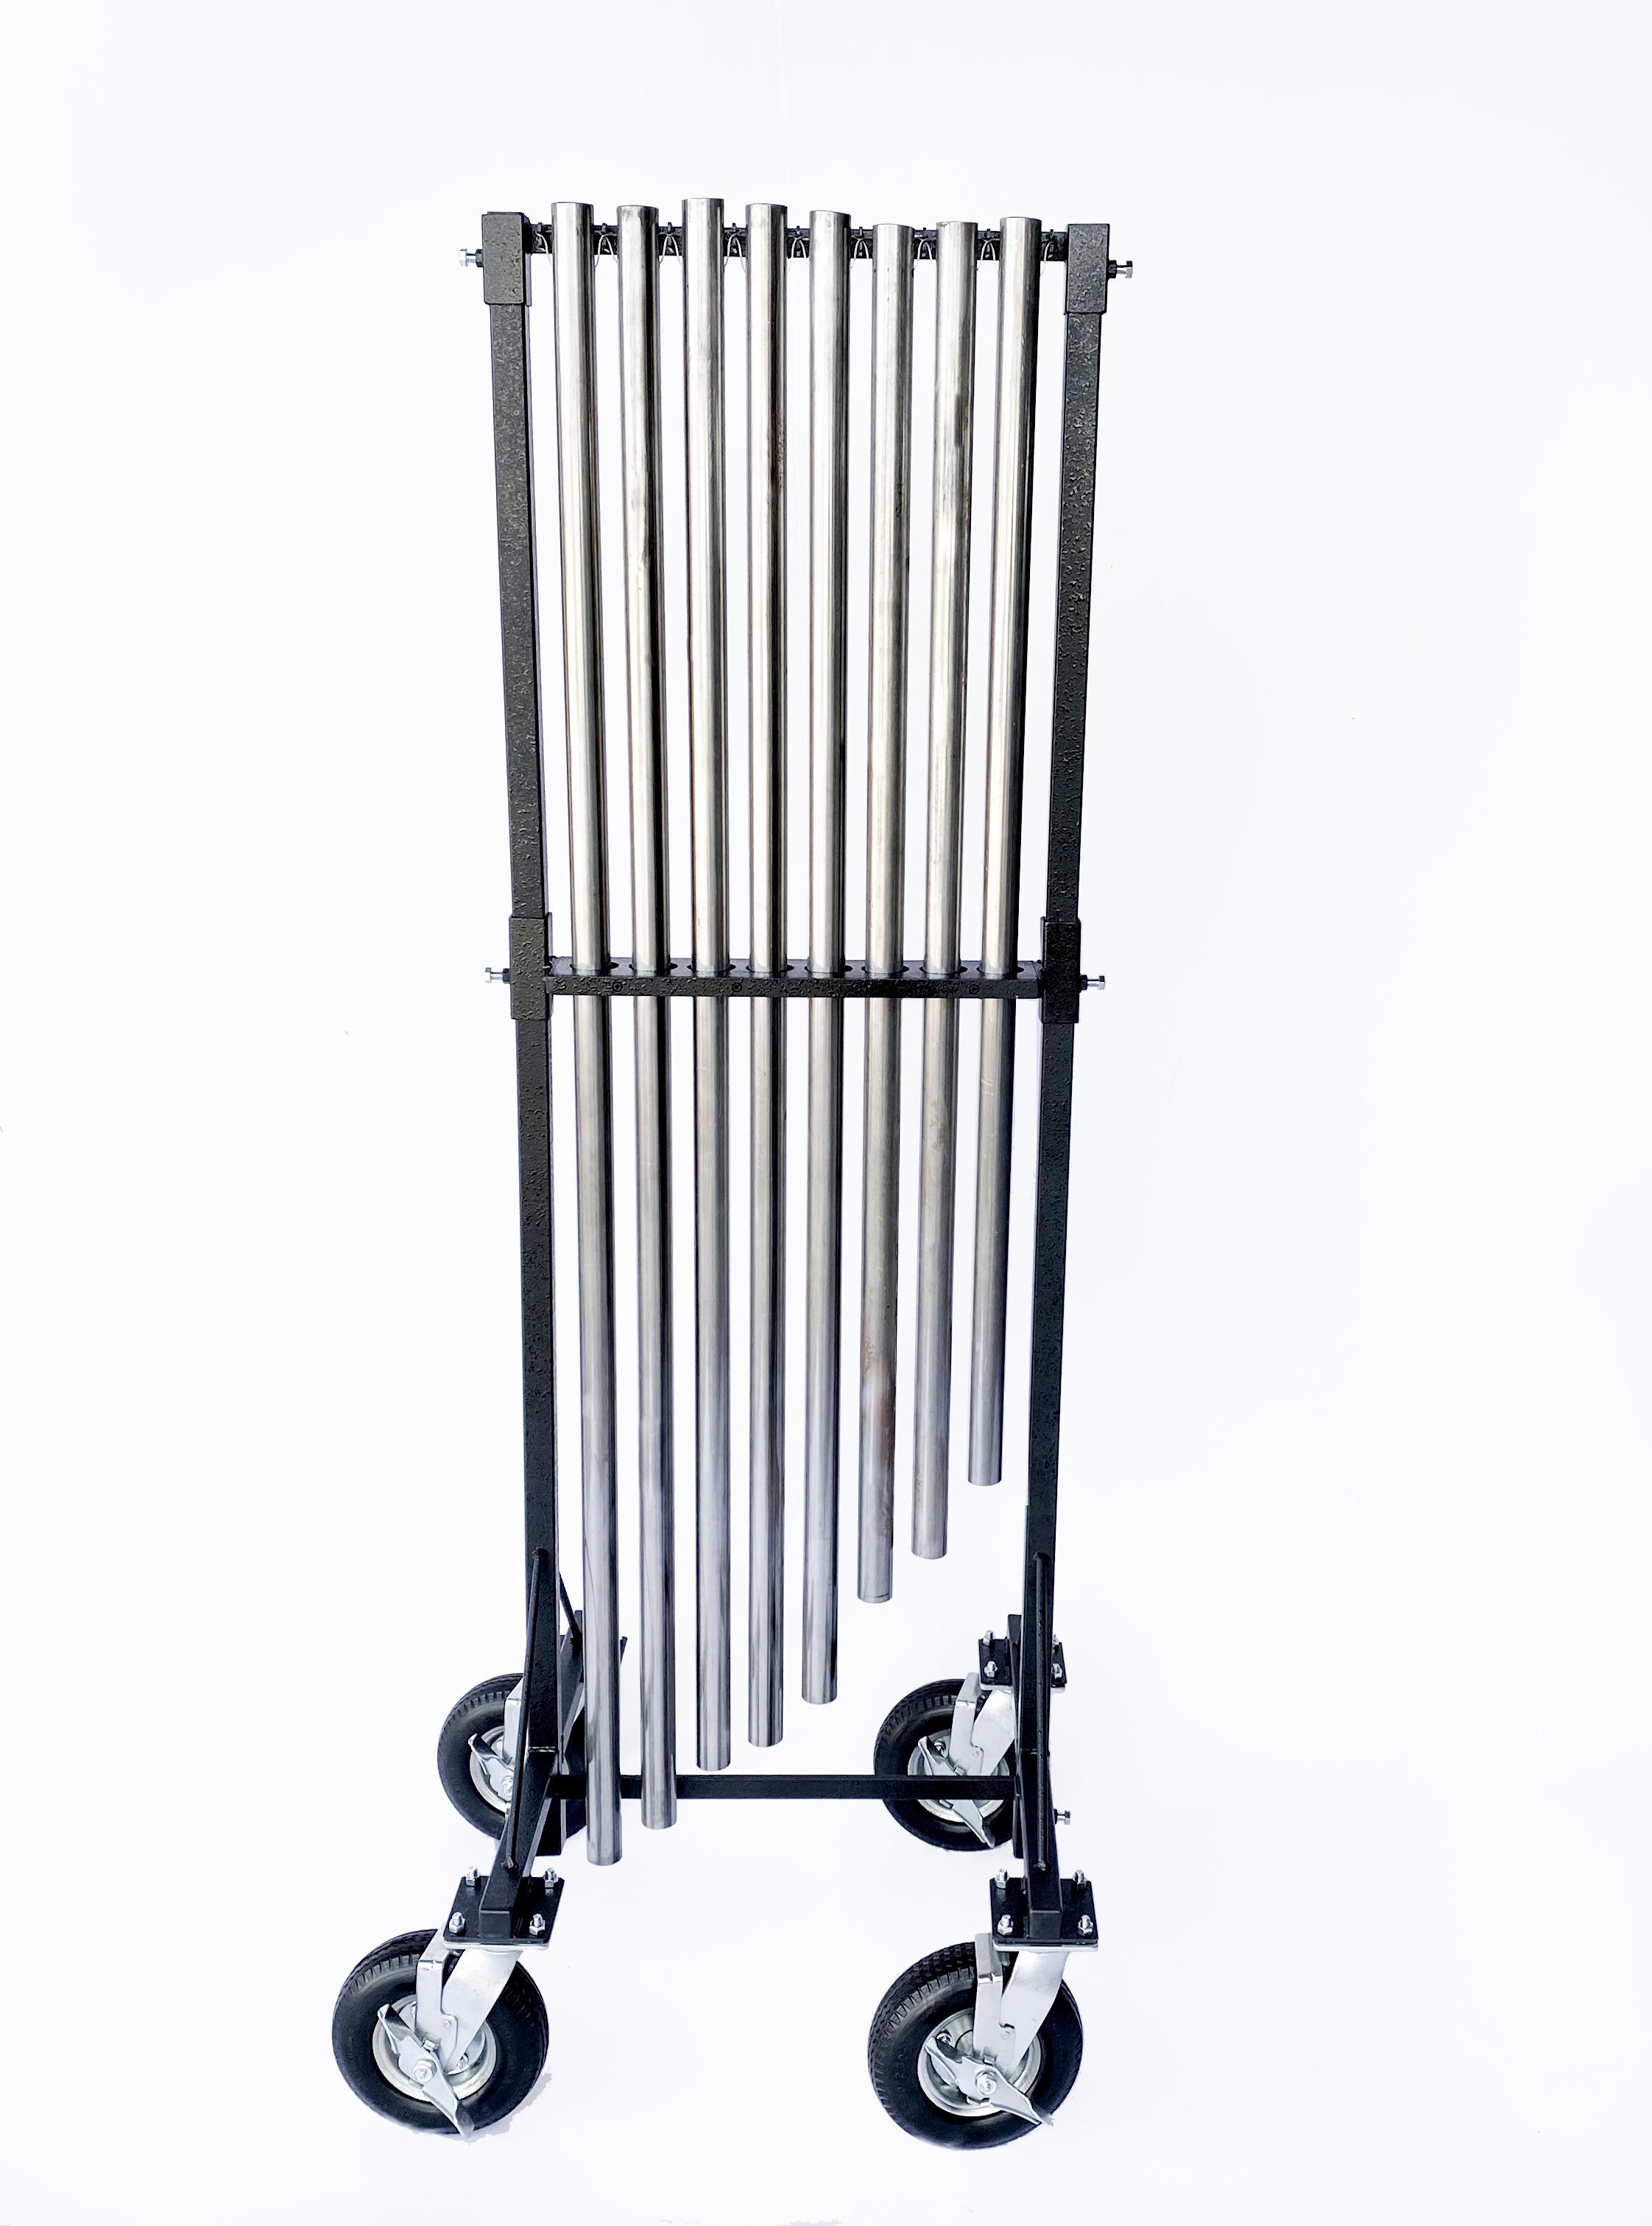 All Terrain Portable Chime Cart